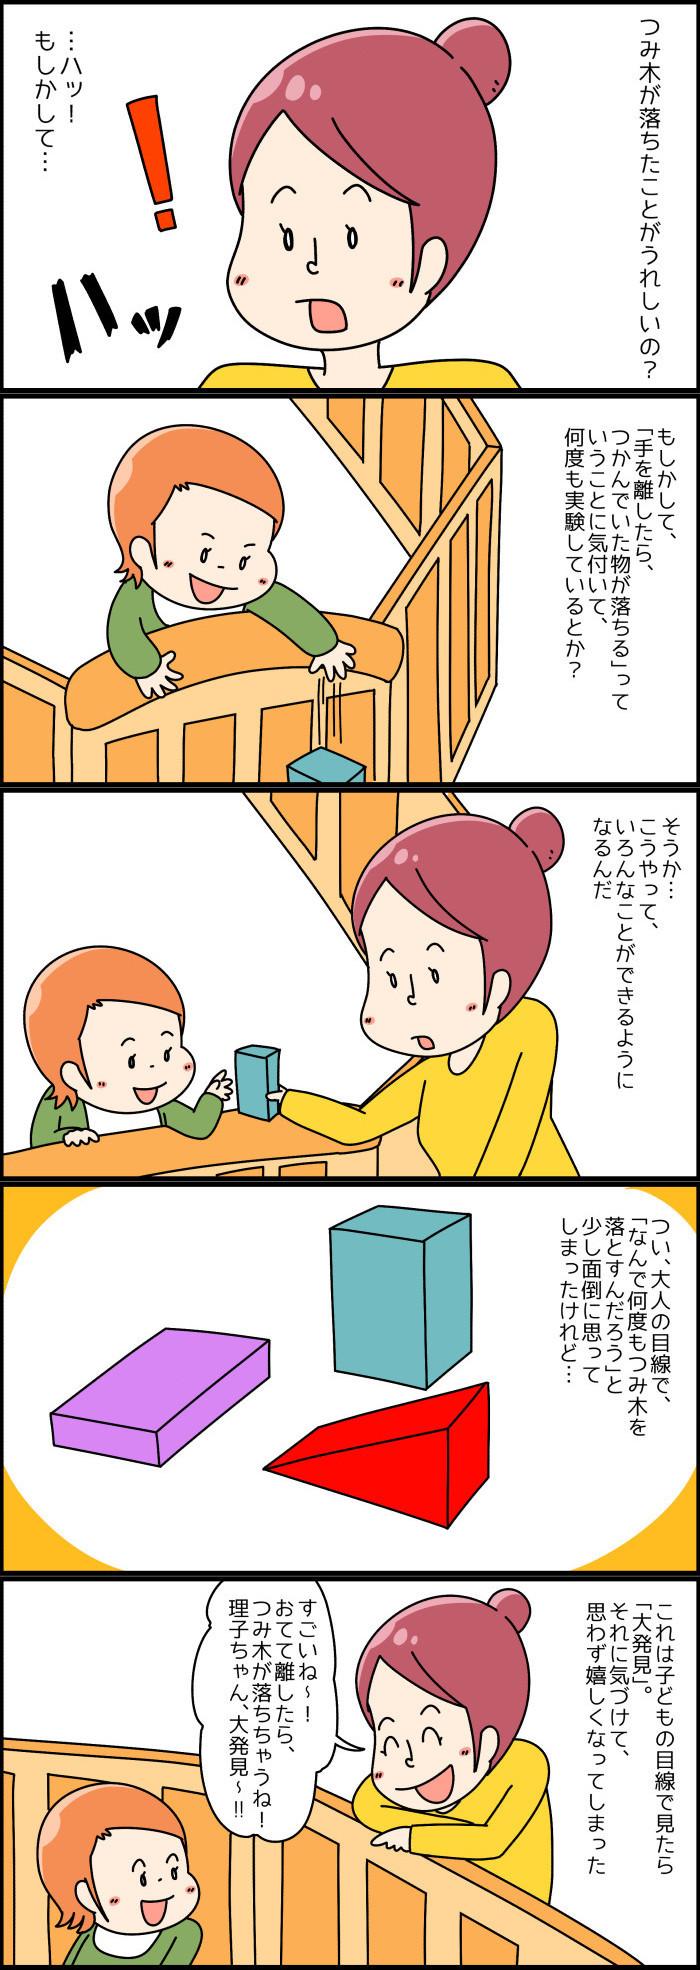 つみきを何度も落として遊ぶ娘。これってもしかして…!?の画像4